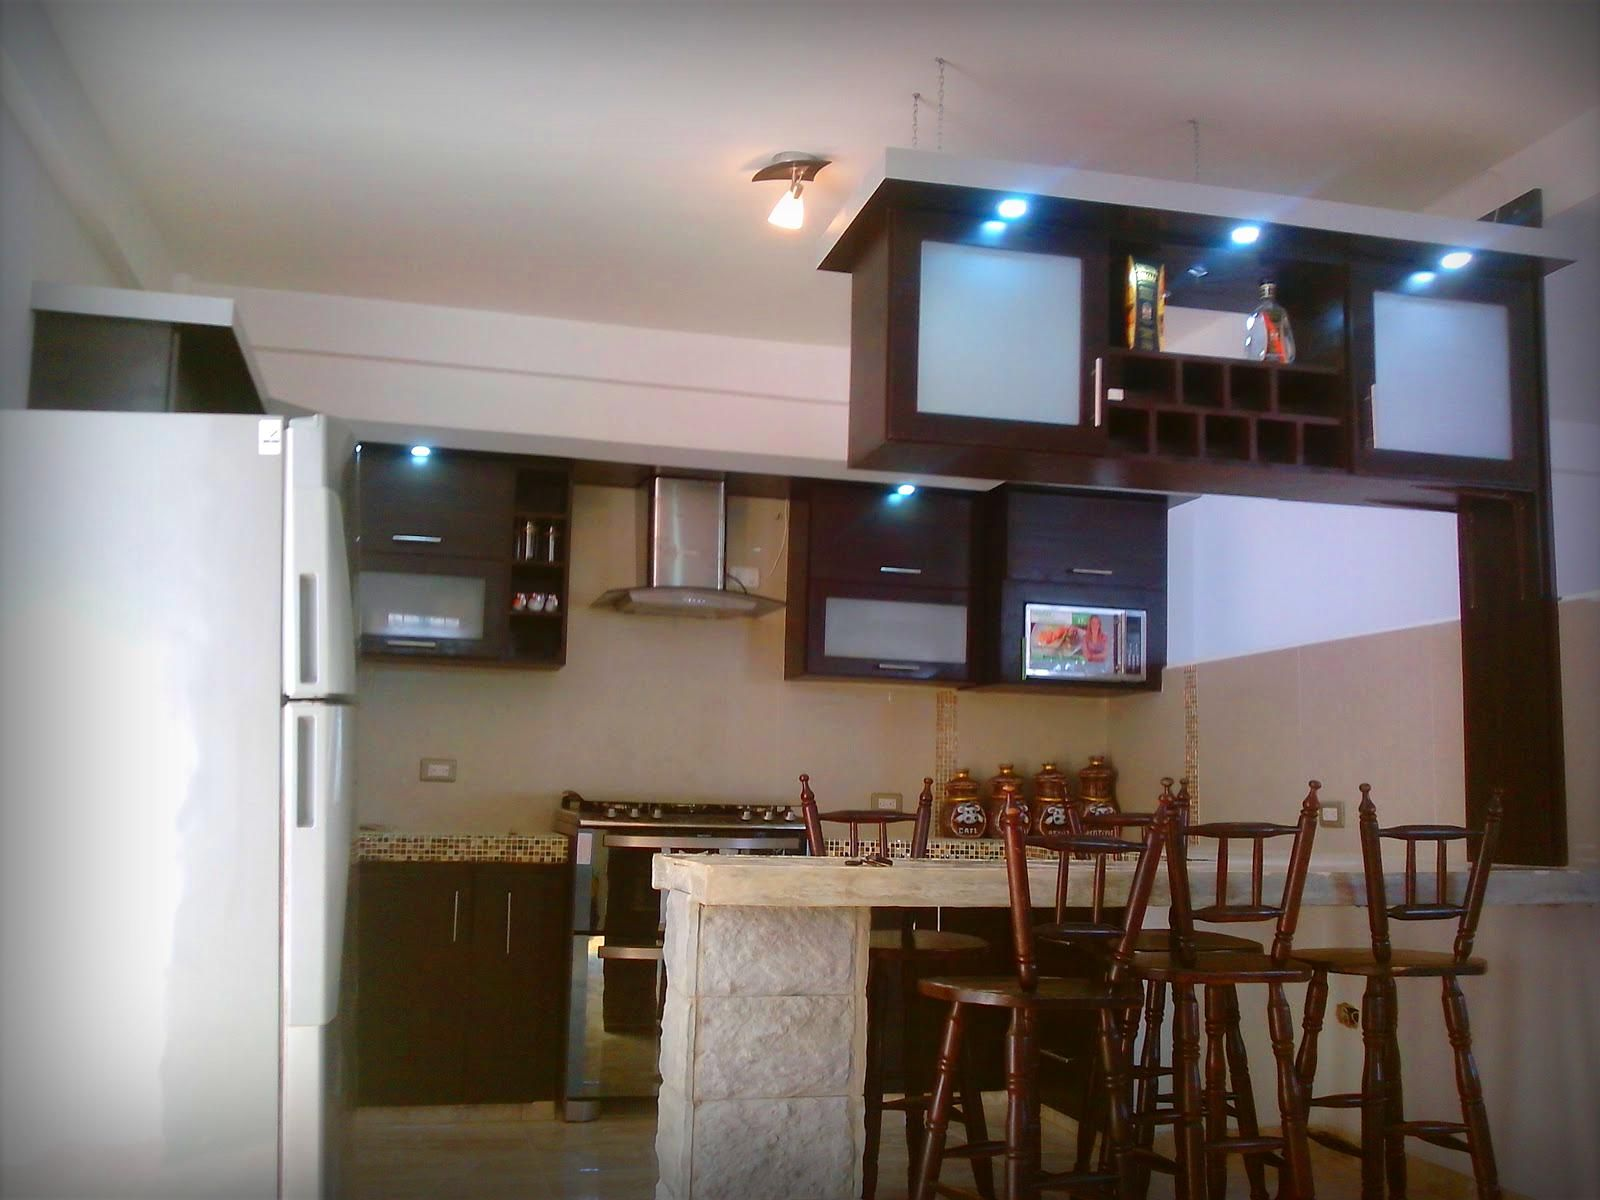 Vinera personalizada para tu mueble de cocina vineras for Bar para cocina